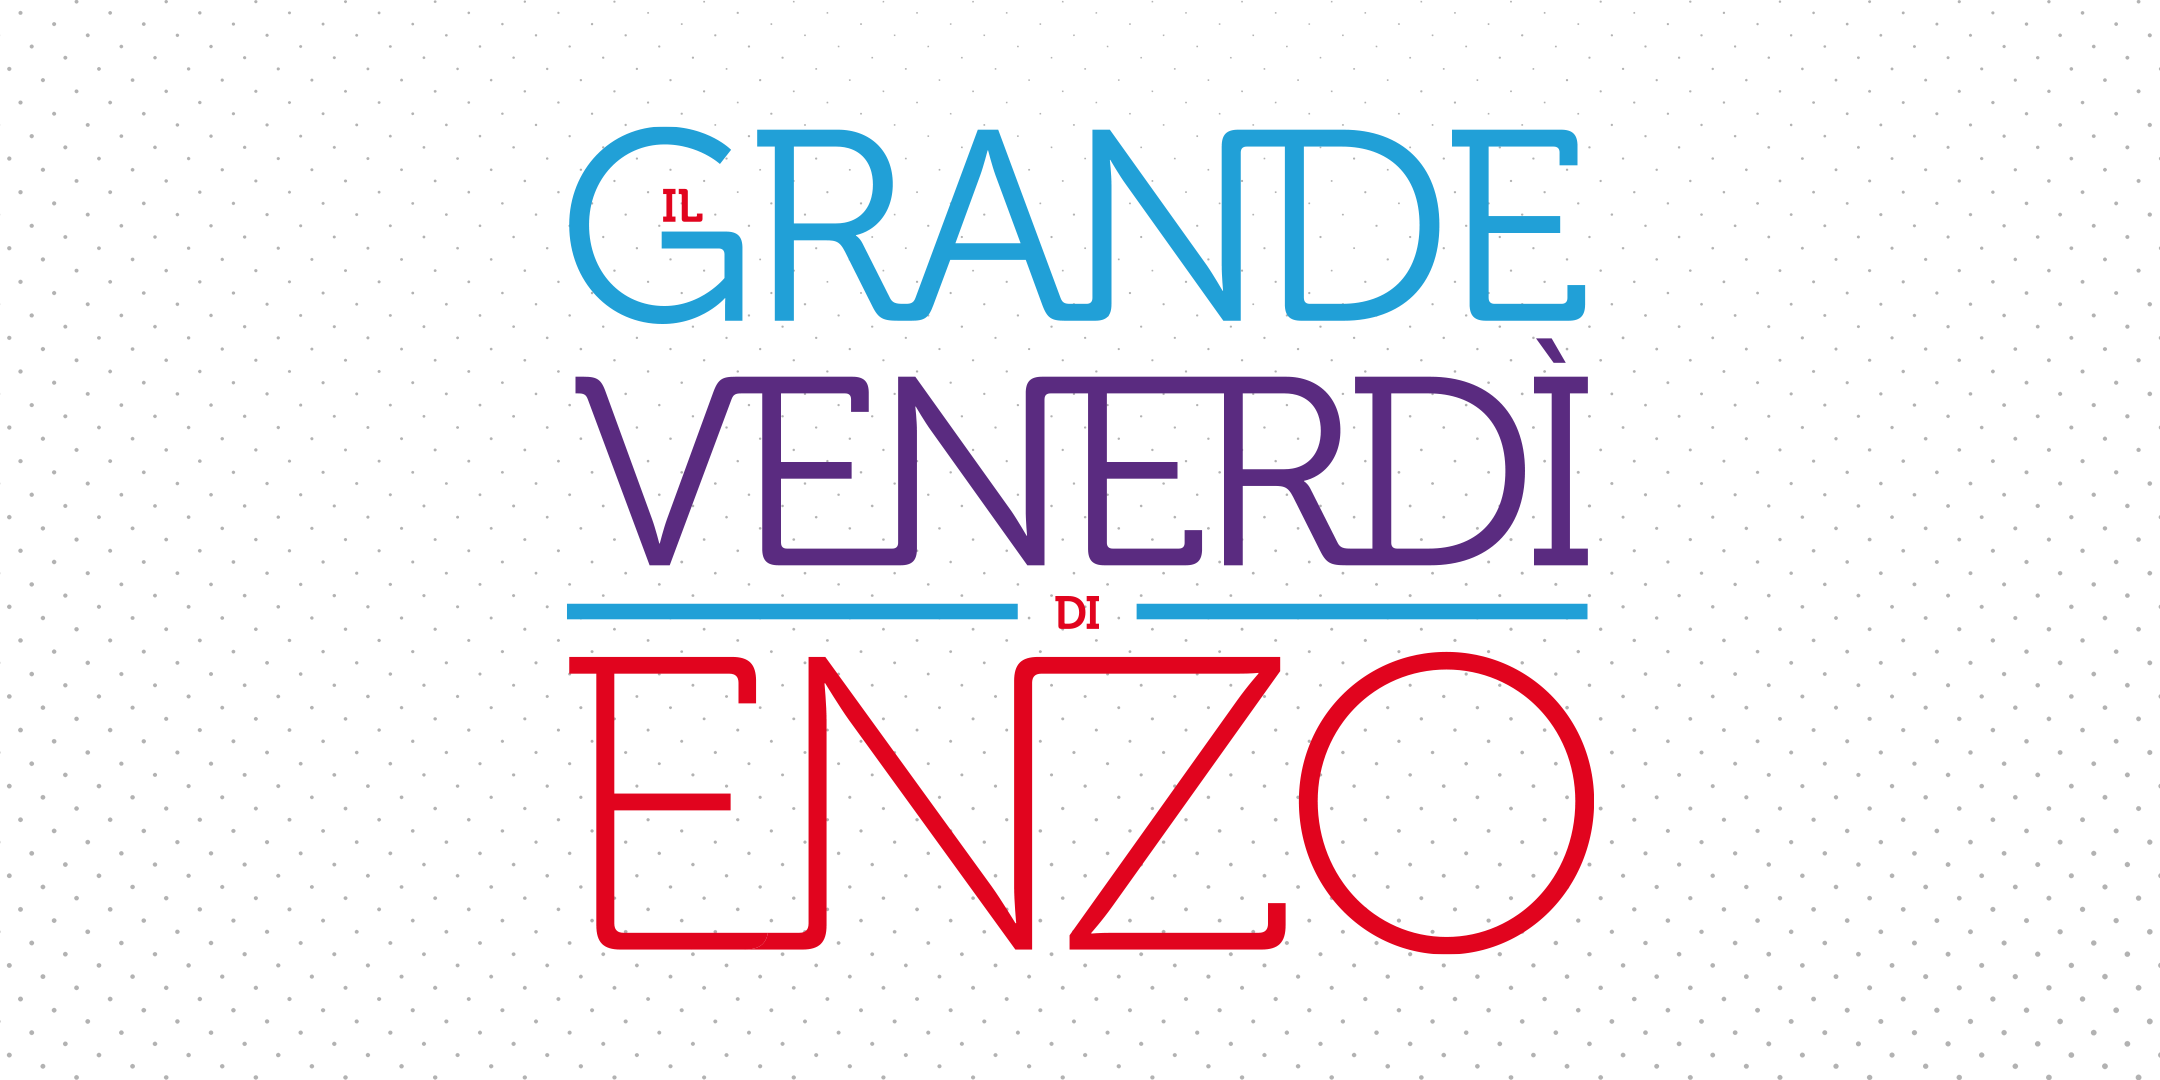 Torna il Grande Venerdì di Enzo: un'occasione unica!